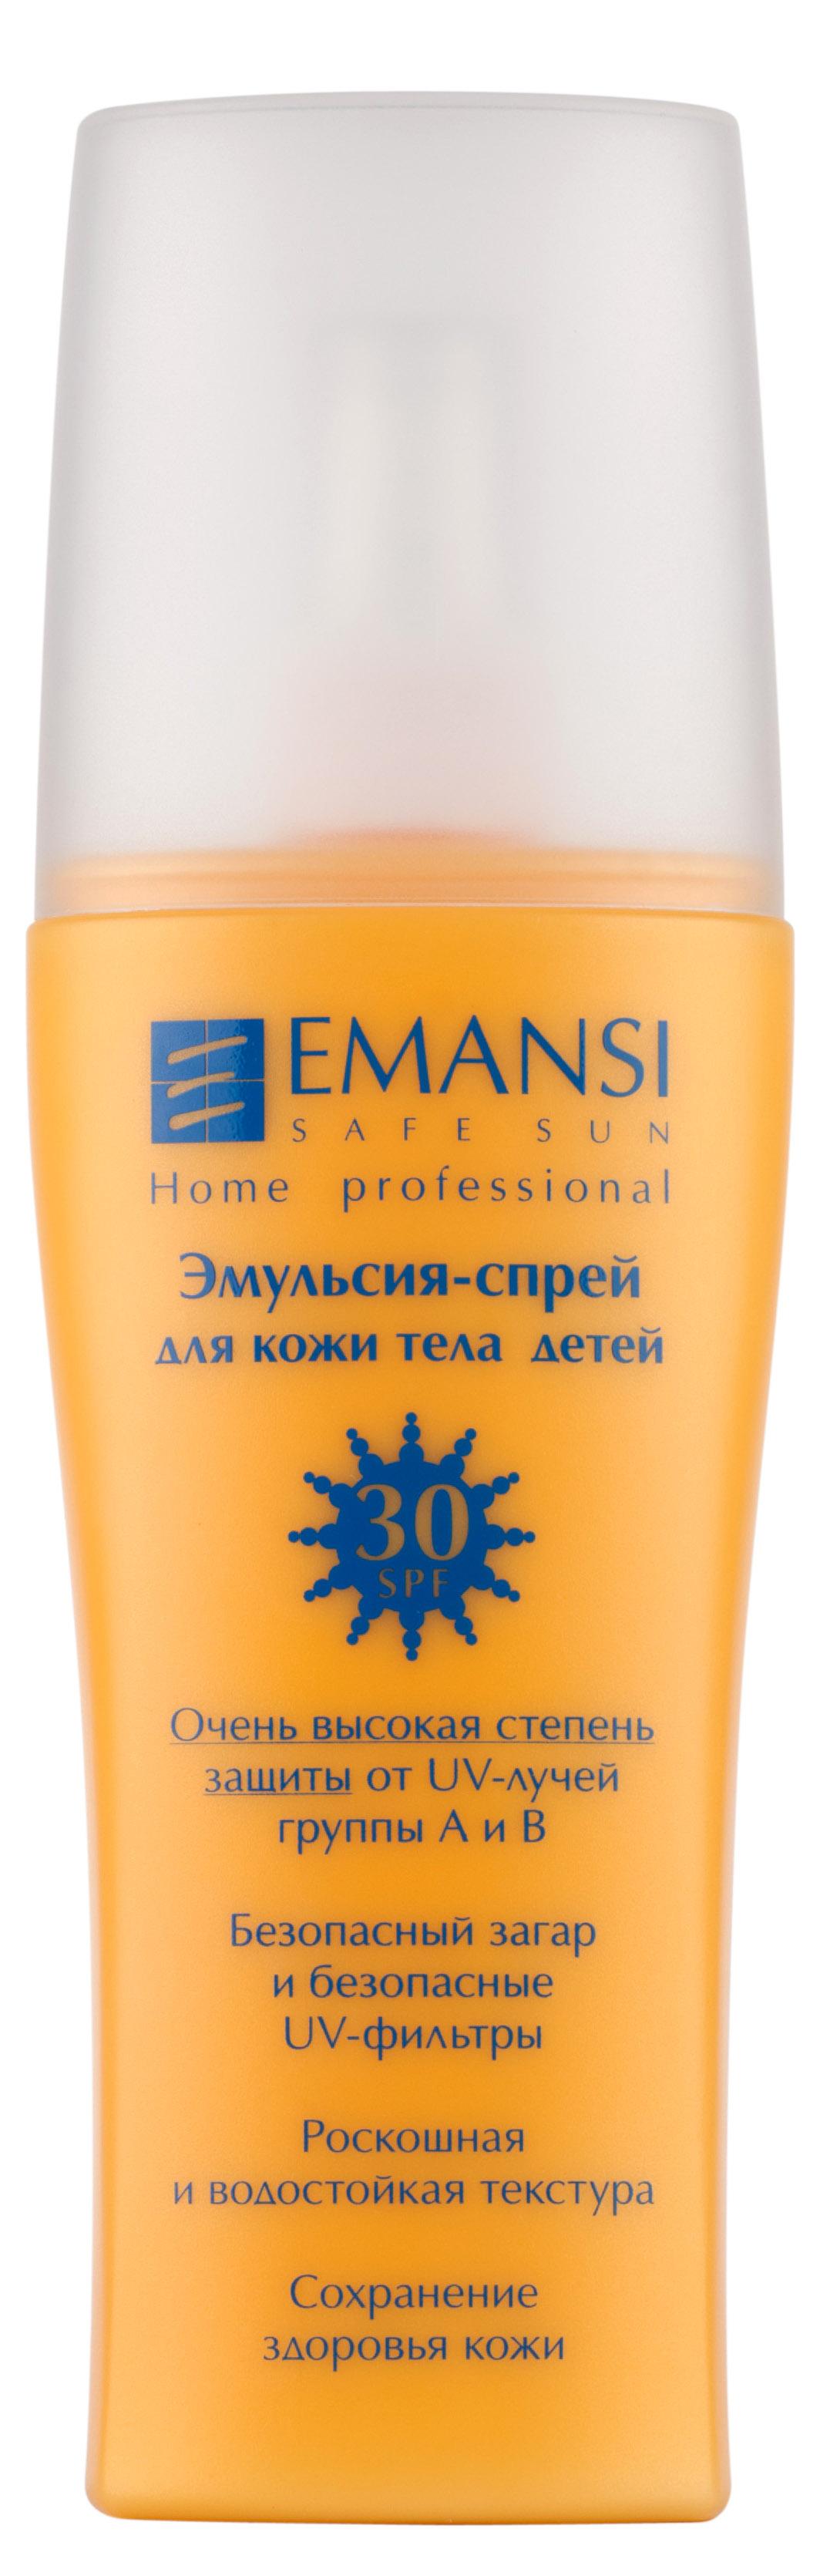 Emansi Эмульсия для тела детская Safe sun, спрей, SPF 30, 150 мл3281- Очень высокая степень защиты: от UV – лучей группы А и В - Безопасный загар и безопасные UV- фильтры - Роскошная и водостойкая текстура - Сохранение здоровья кожи - Защищает от UV – лучей группы А и В благодаря включению безопасных UV-фильтров - Устойчиво к действию воды и пота - Подходит для любой, в том числе и чувствительной кожи